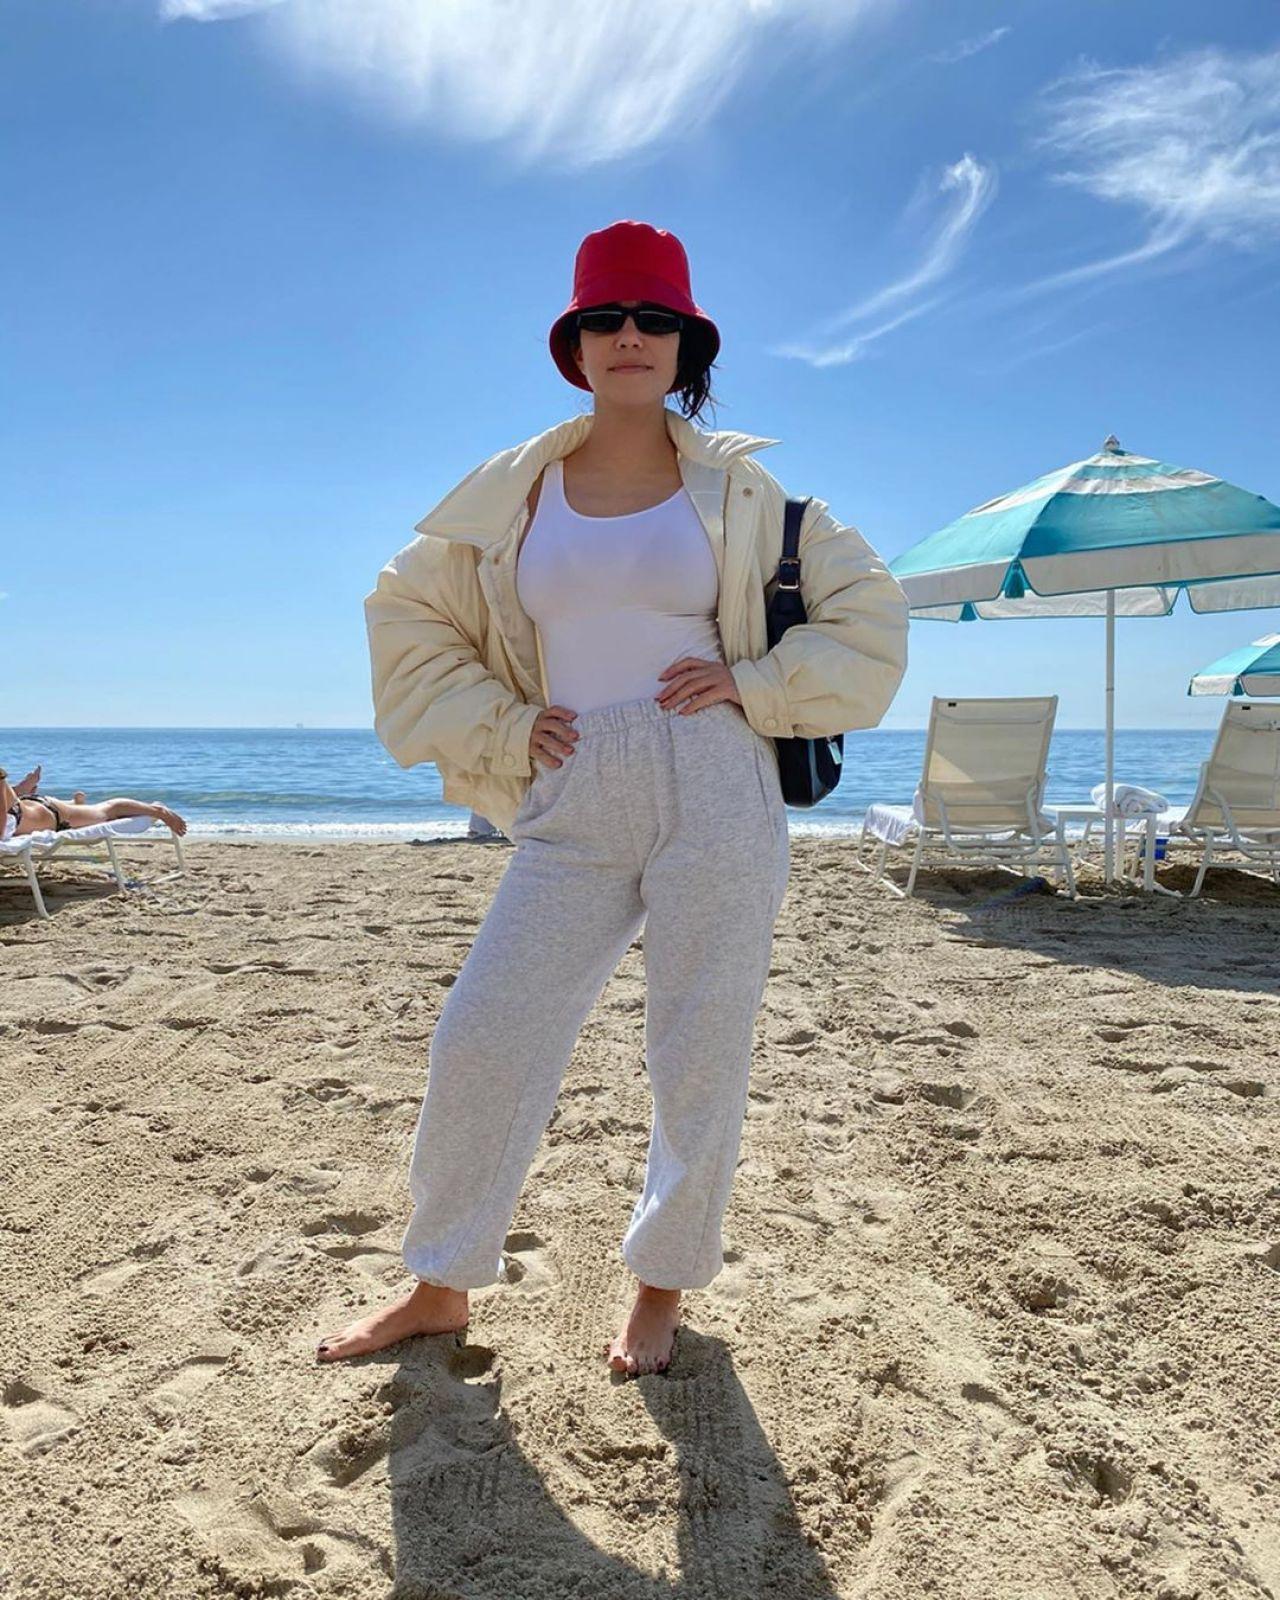 考特尼·卡戴珊(Kourtney Kardashian)–社交媒体照片02/21/2020